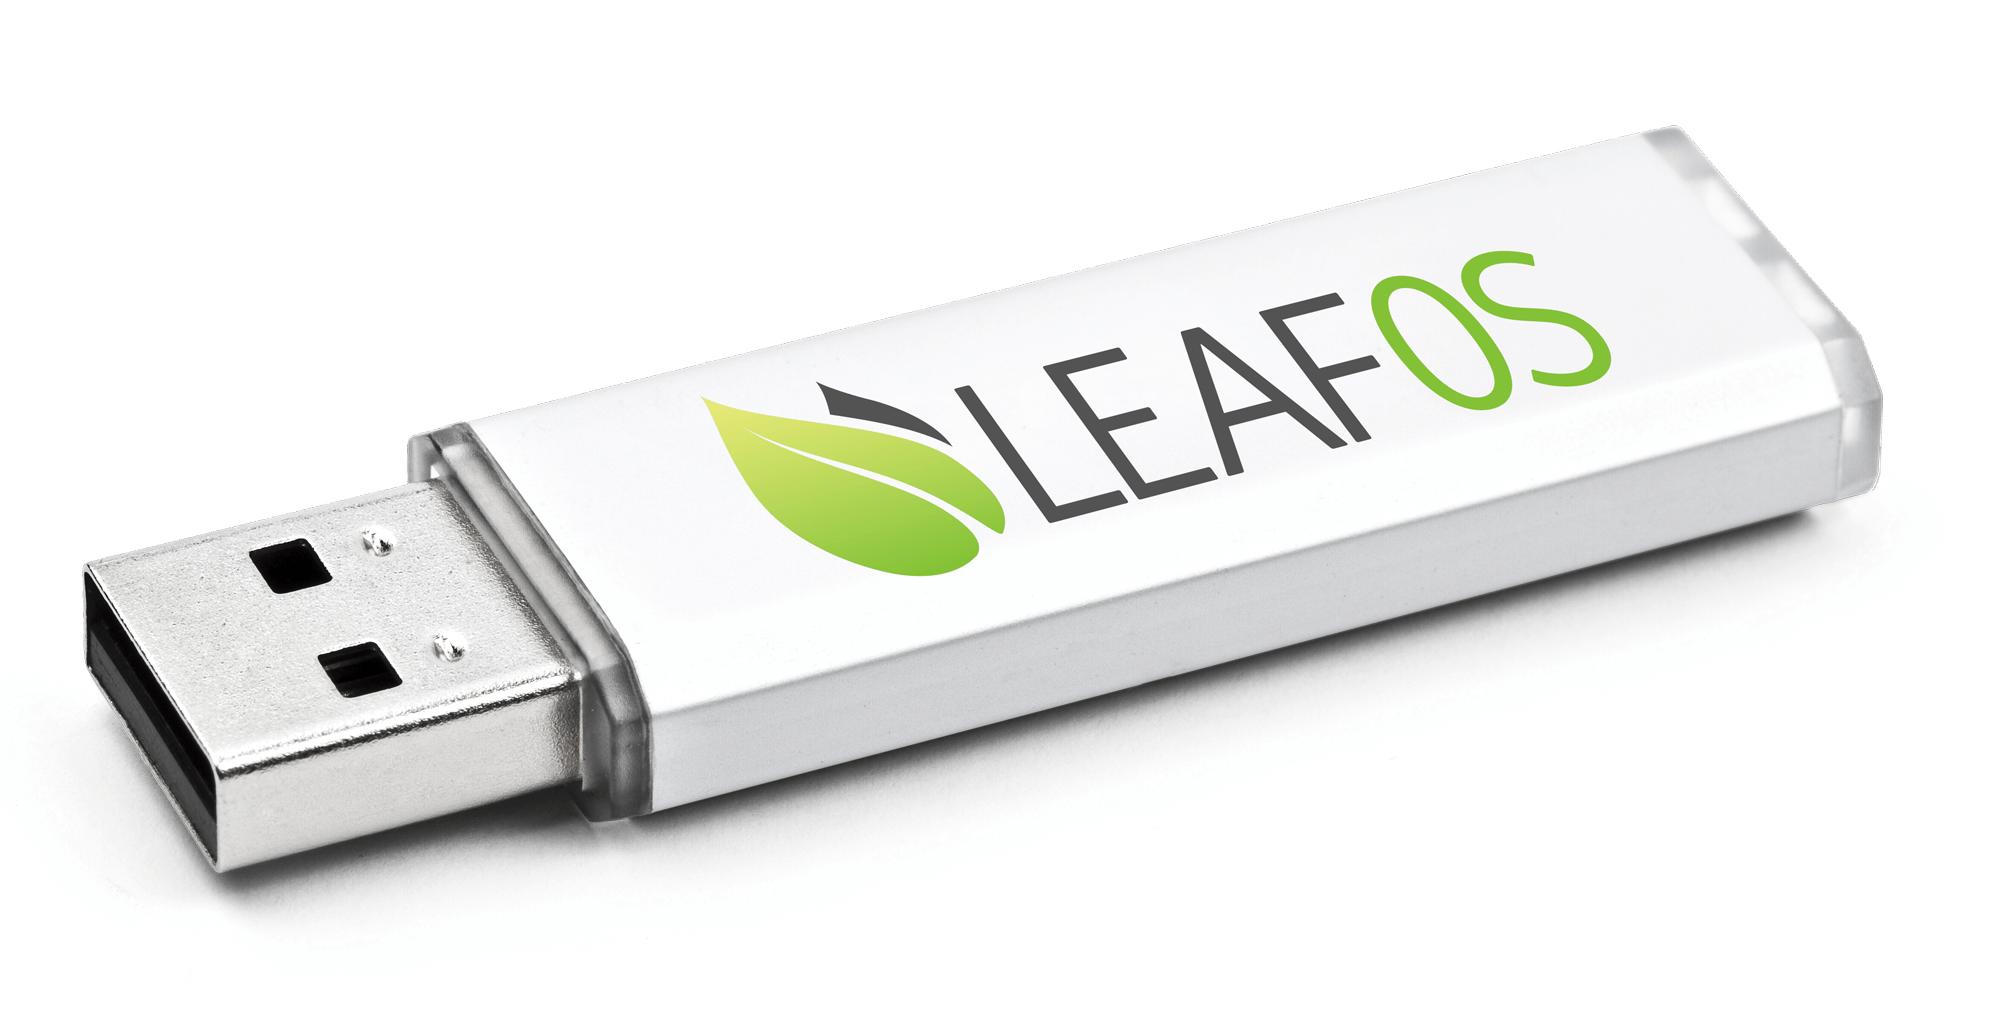 LEAF OS on USB